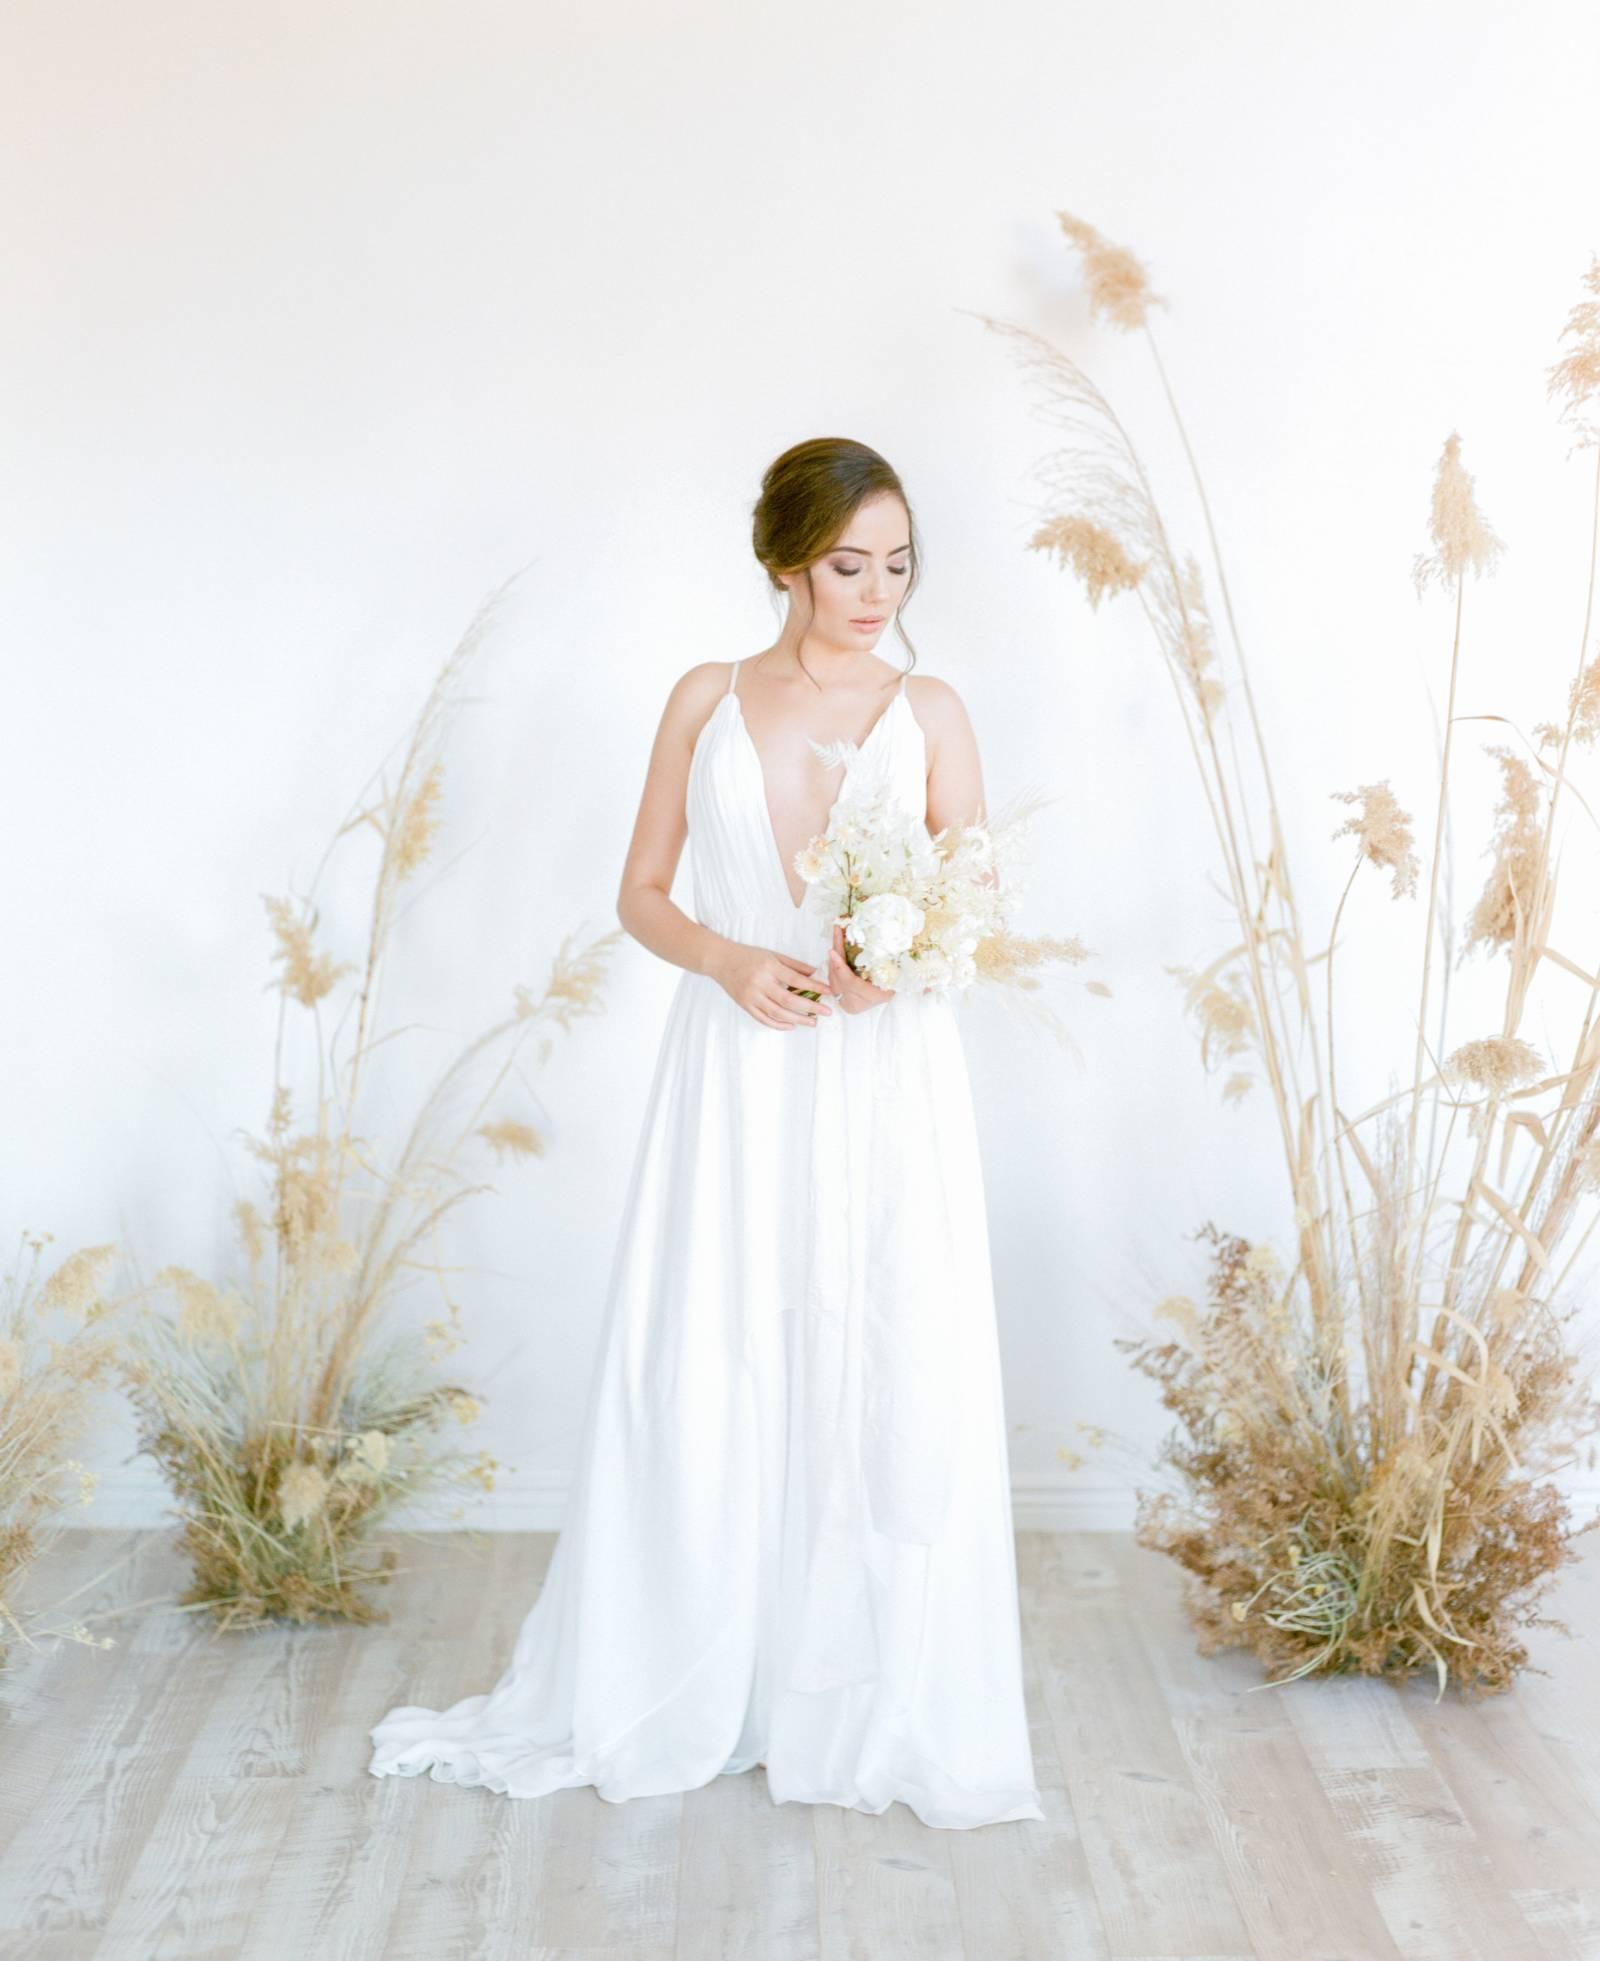 Wedding Dress Rentals St George Utah